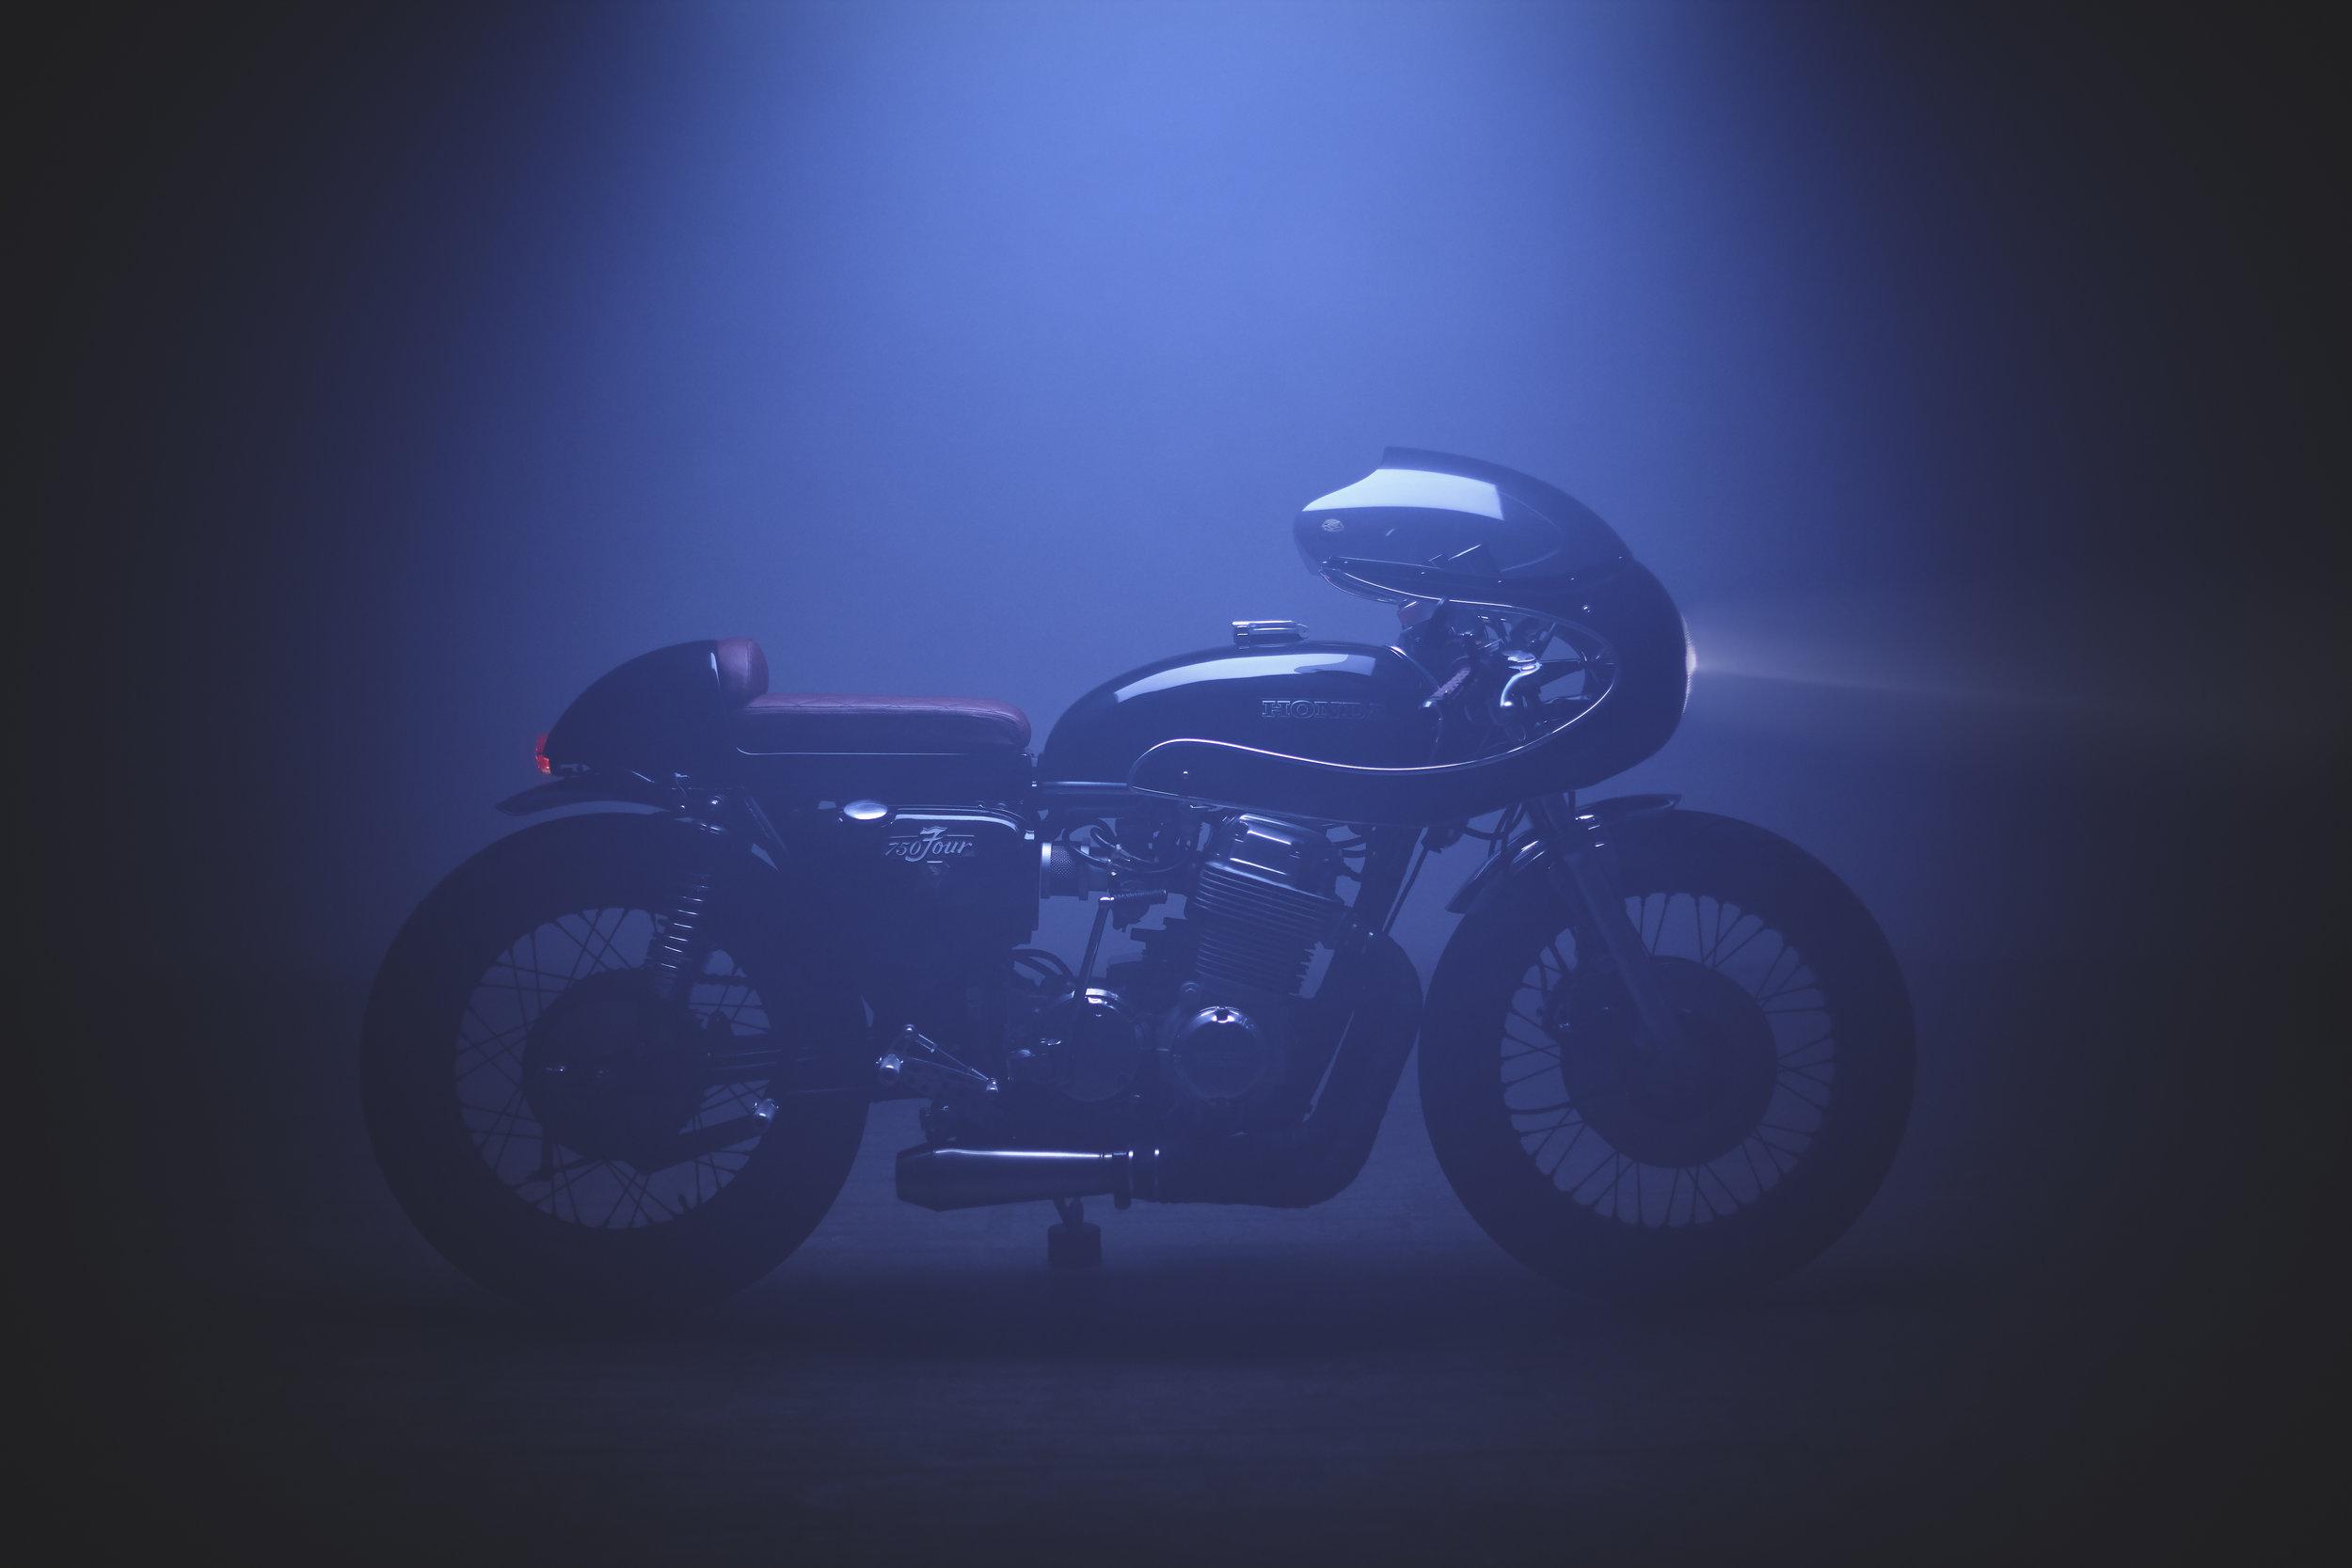 2018-02-03_Nicks-Honda_087.jpg